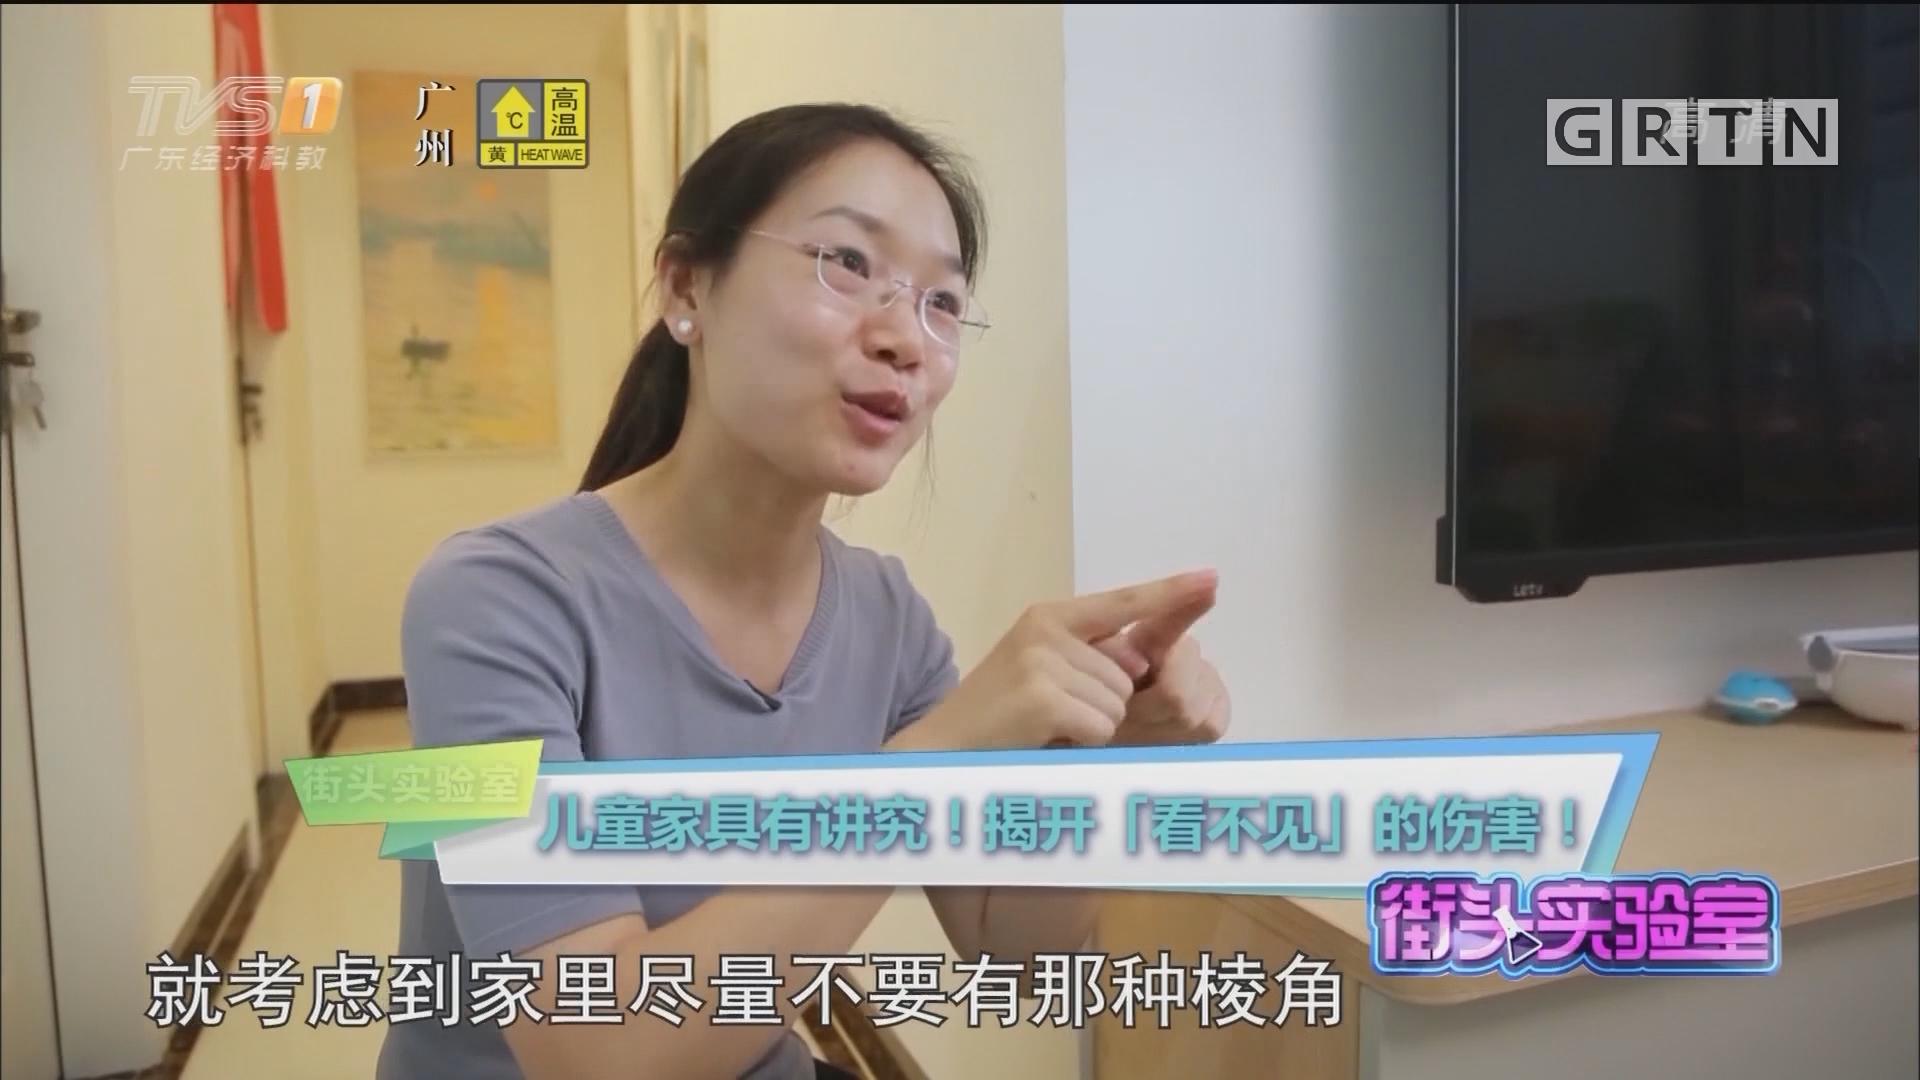 [HD][2019-07-08]马后炮生活+《消费研究院》:街头实验室:儿童家具有讲究!揭开「看不见」的伤害!